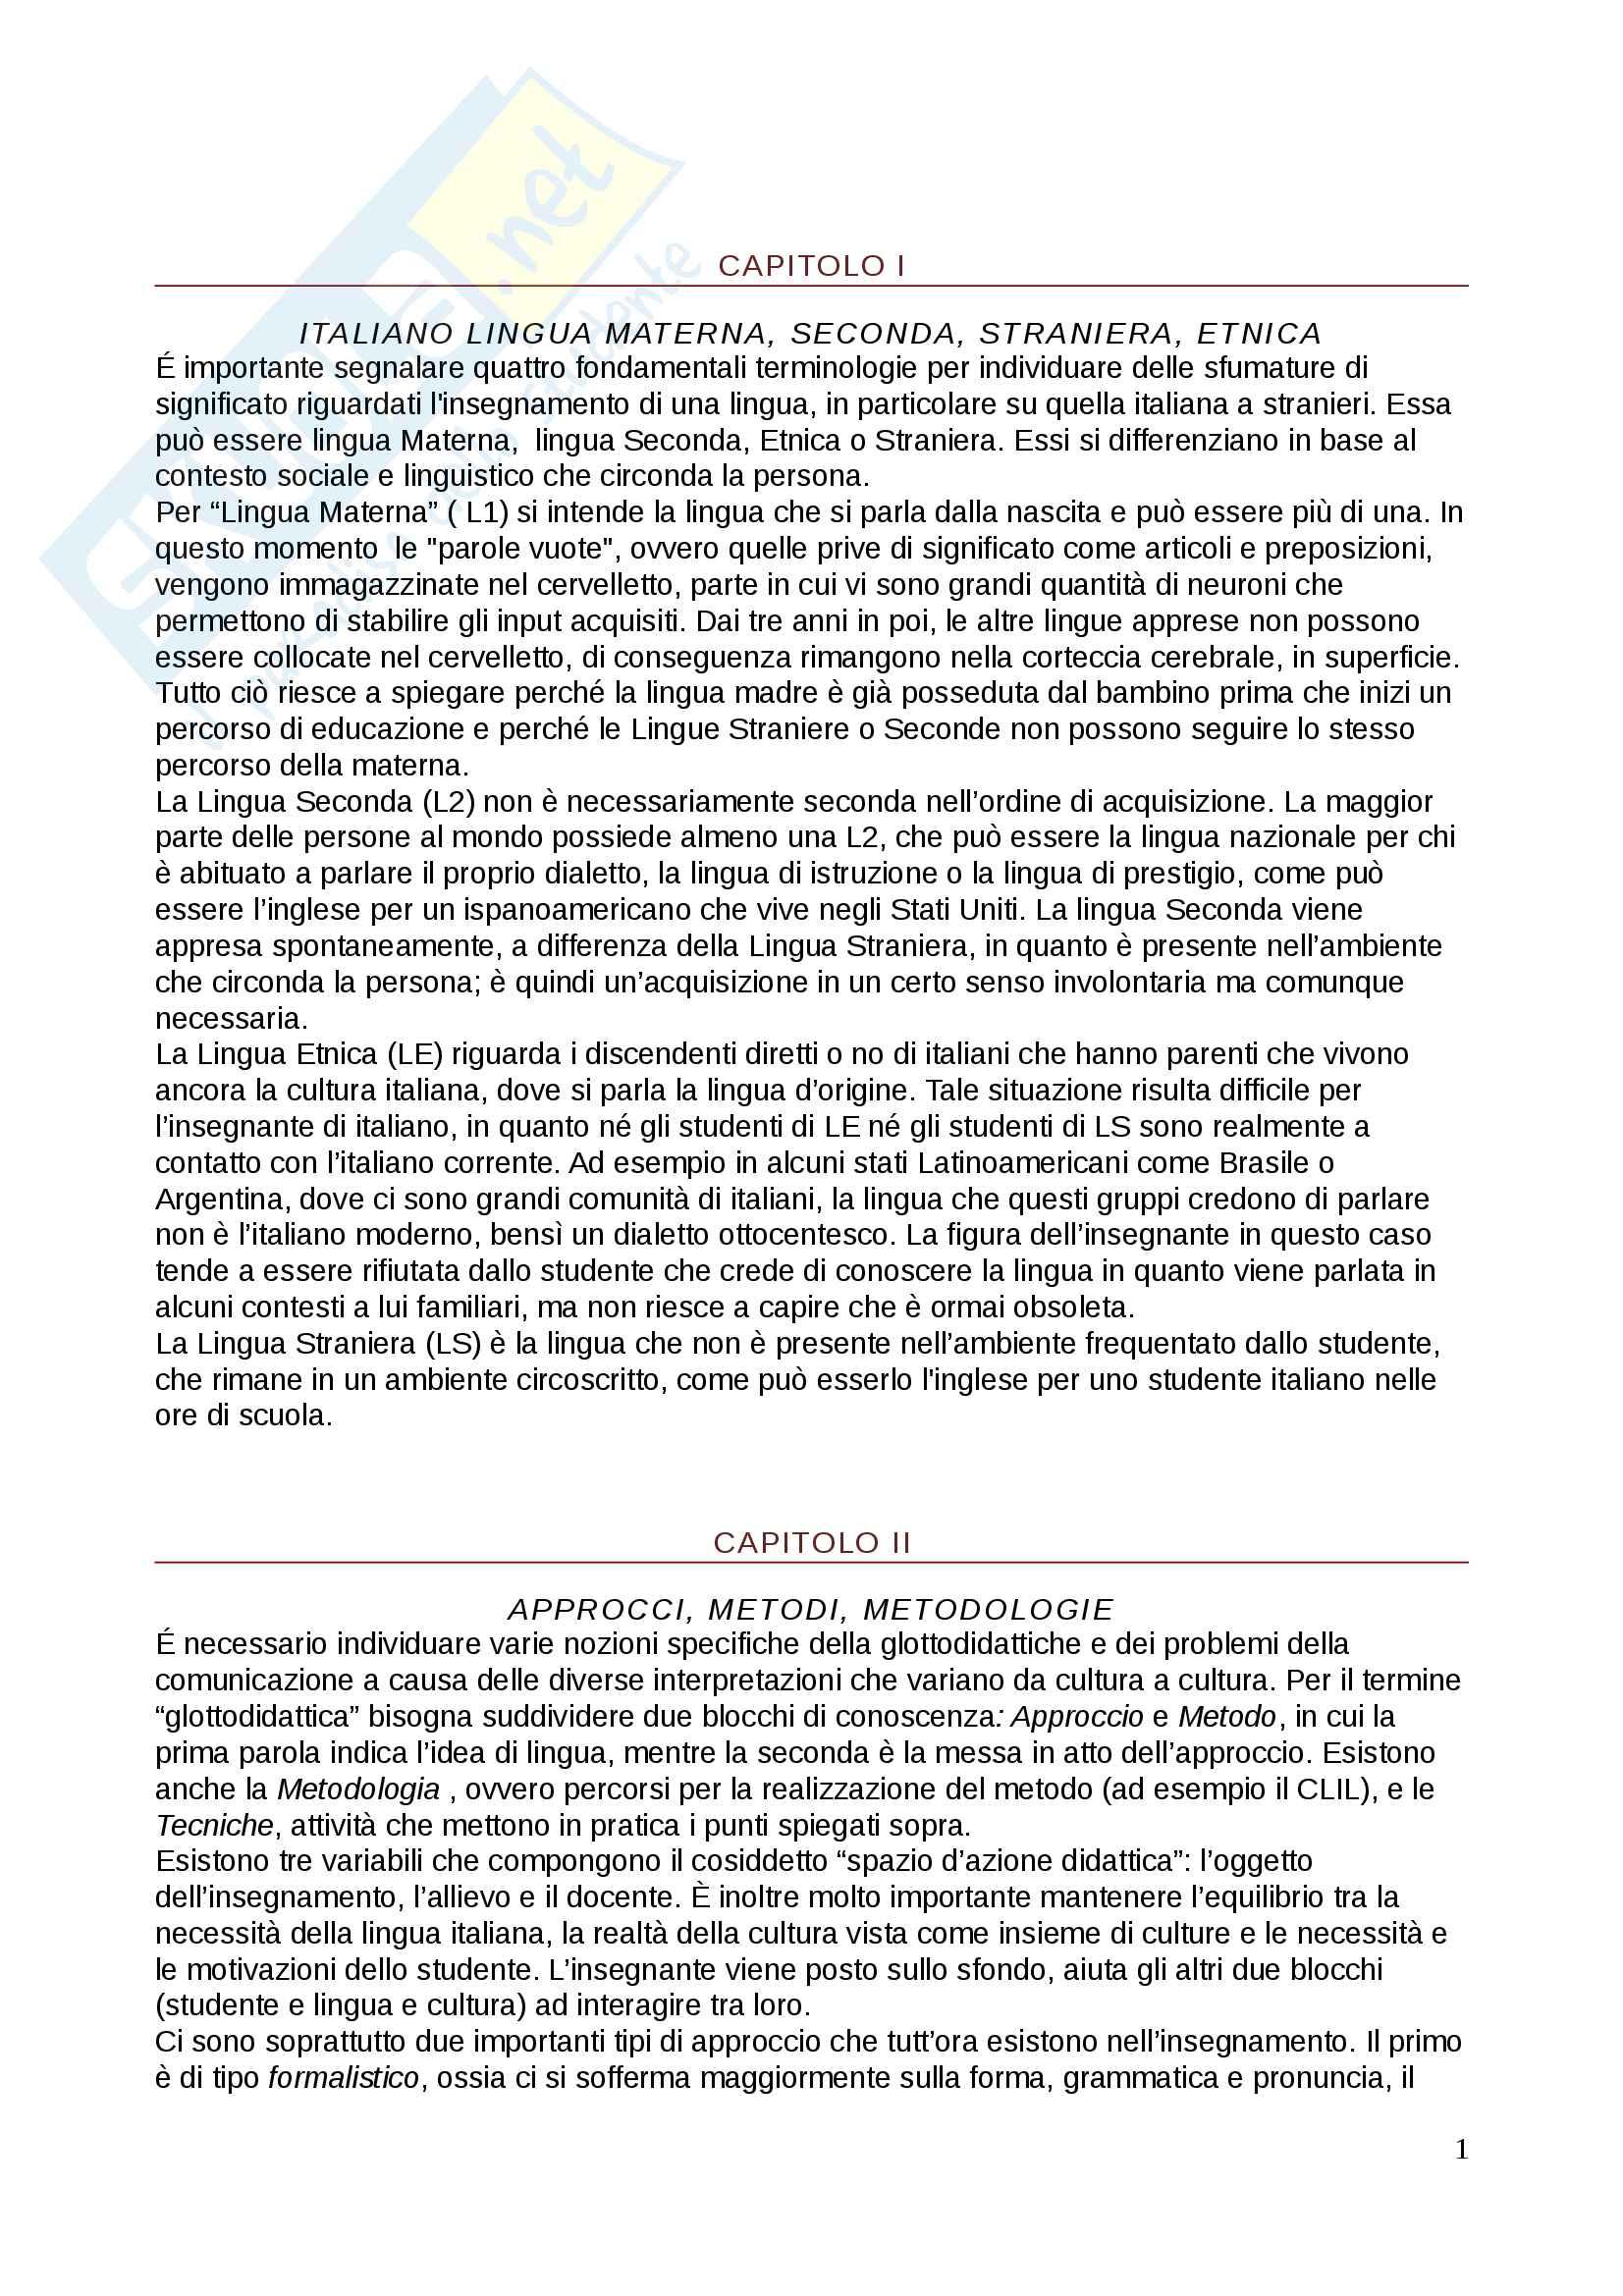 Tesina Didattica dell'italiano come lingua seconda e straniera